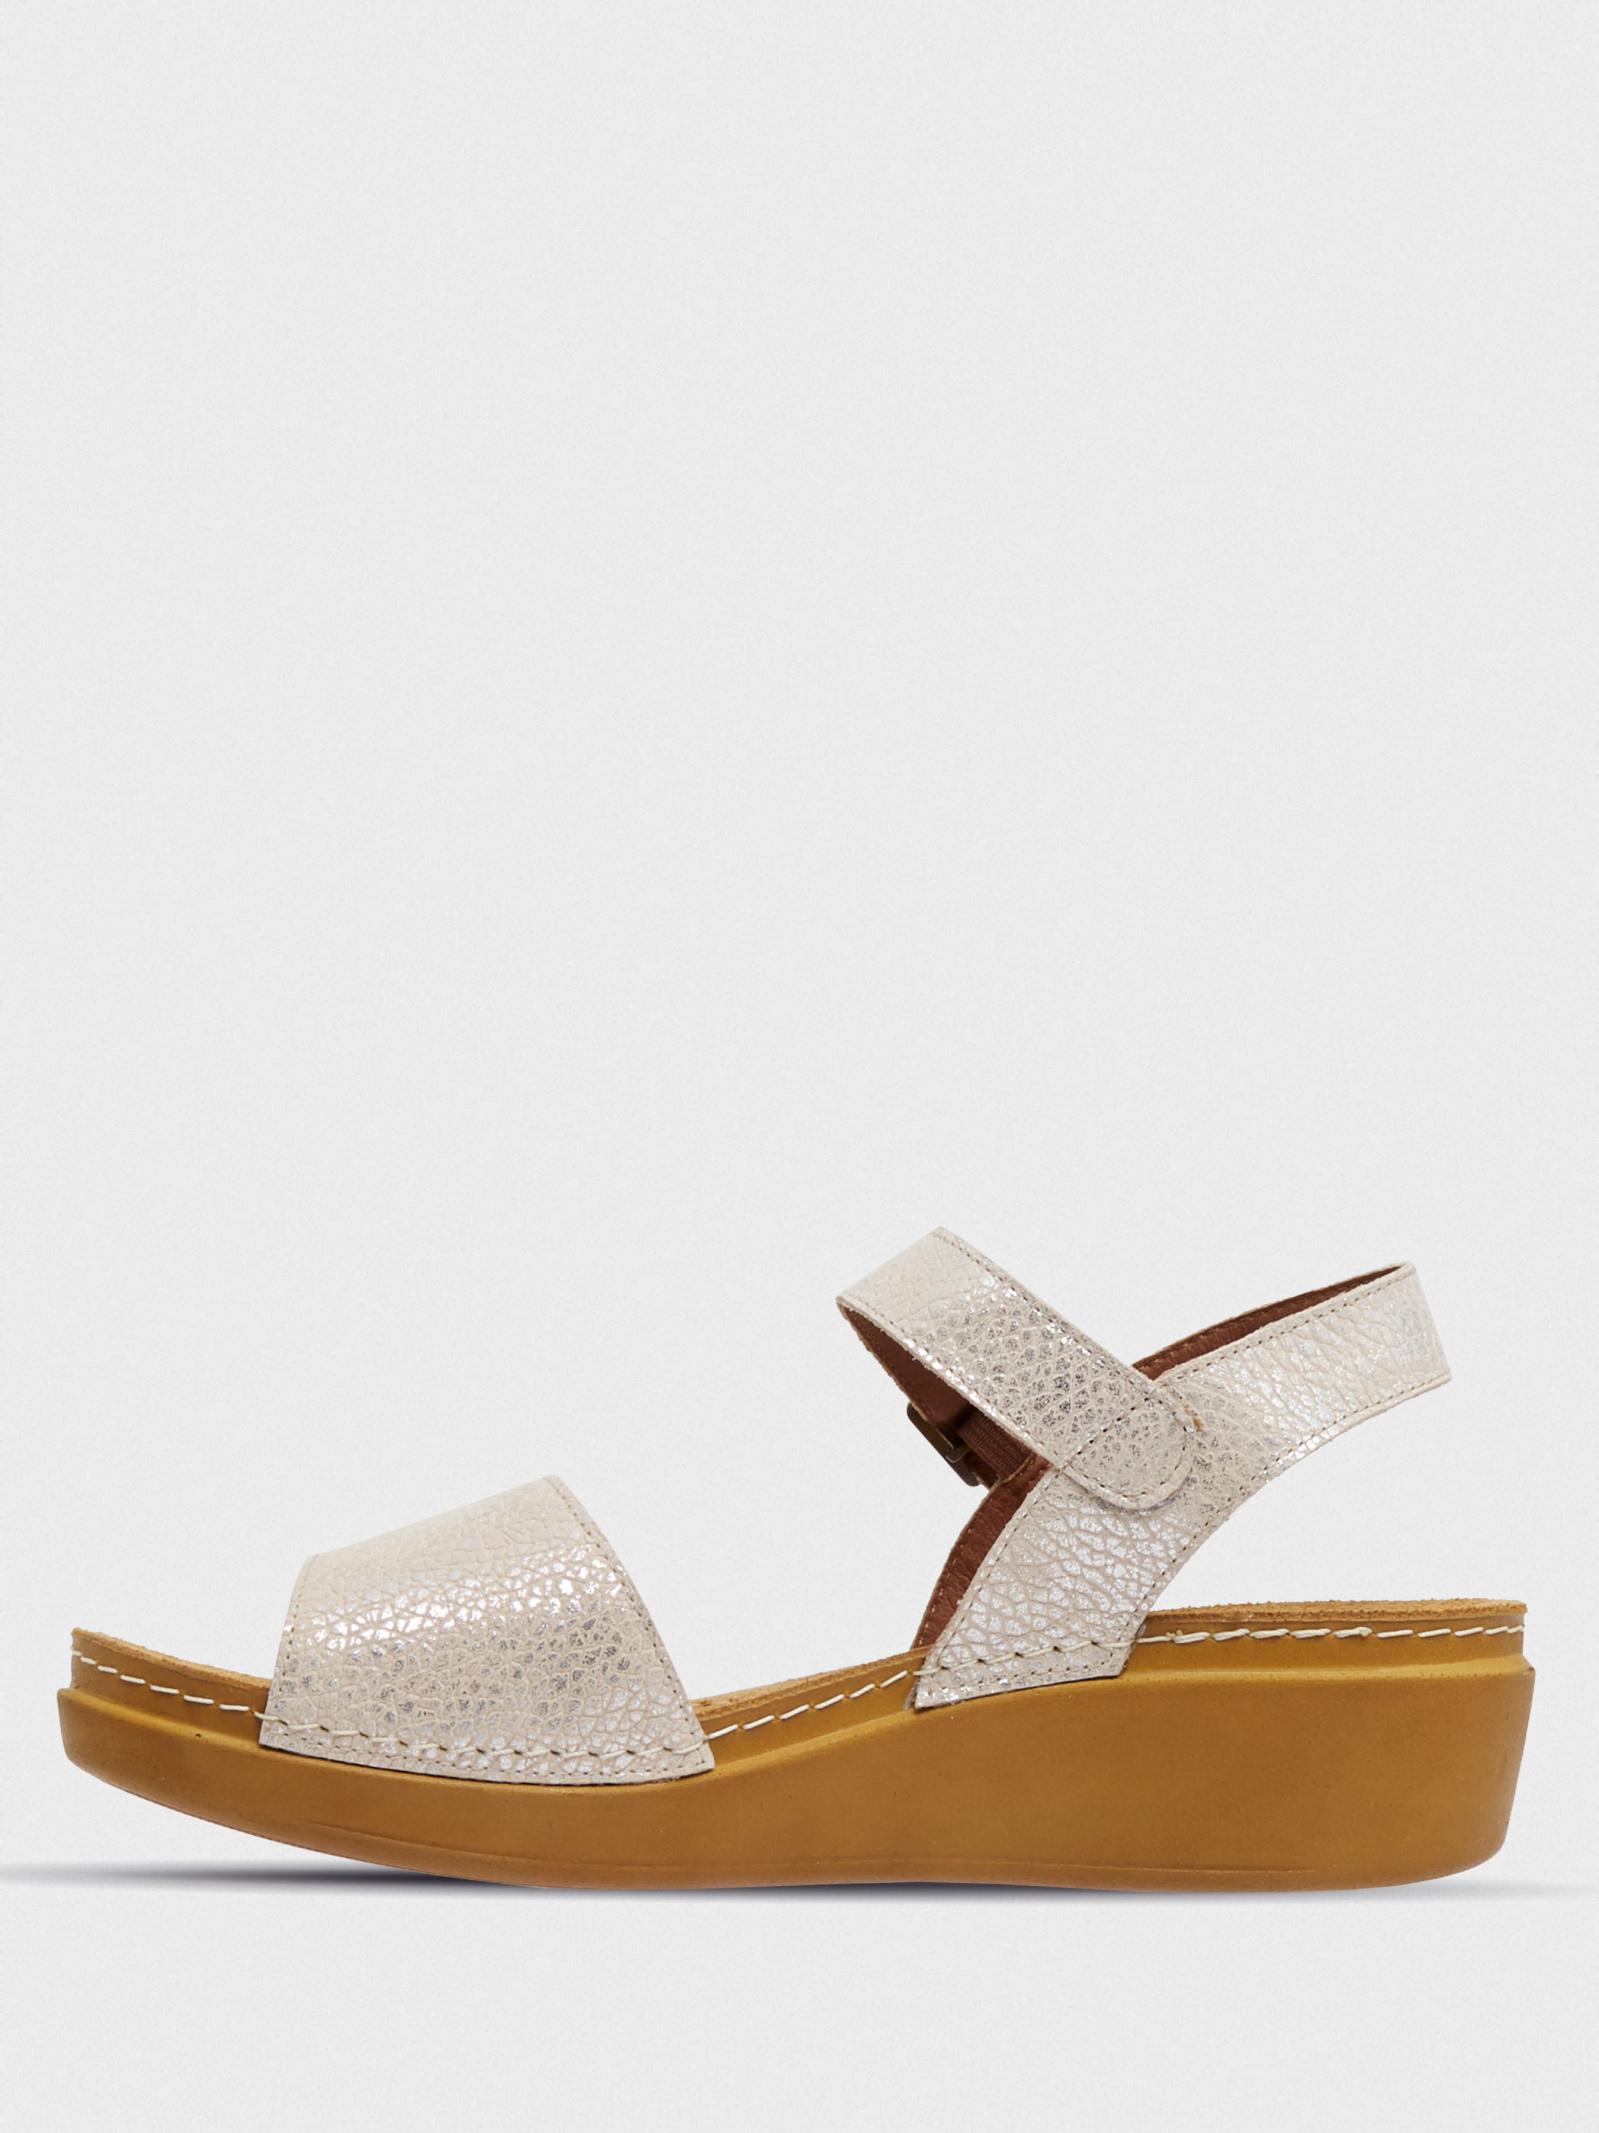 Сандалии для женщин Gunter E3296-3725 модная обувь, 2017